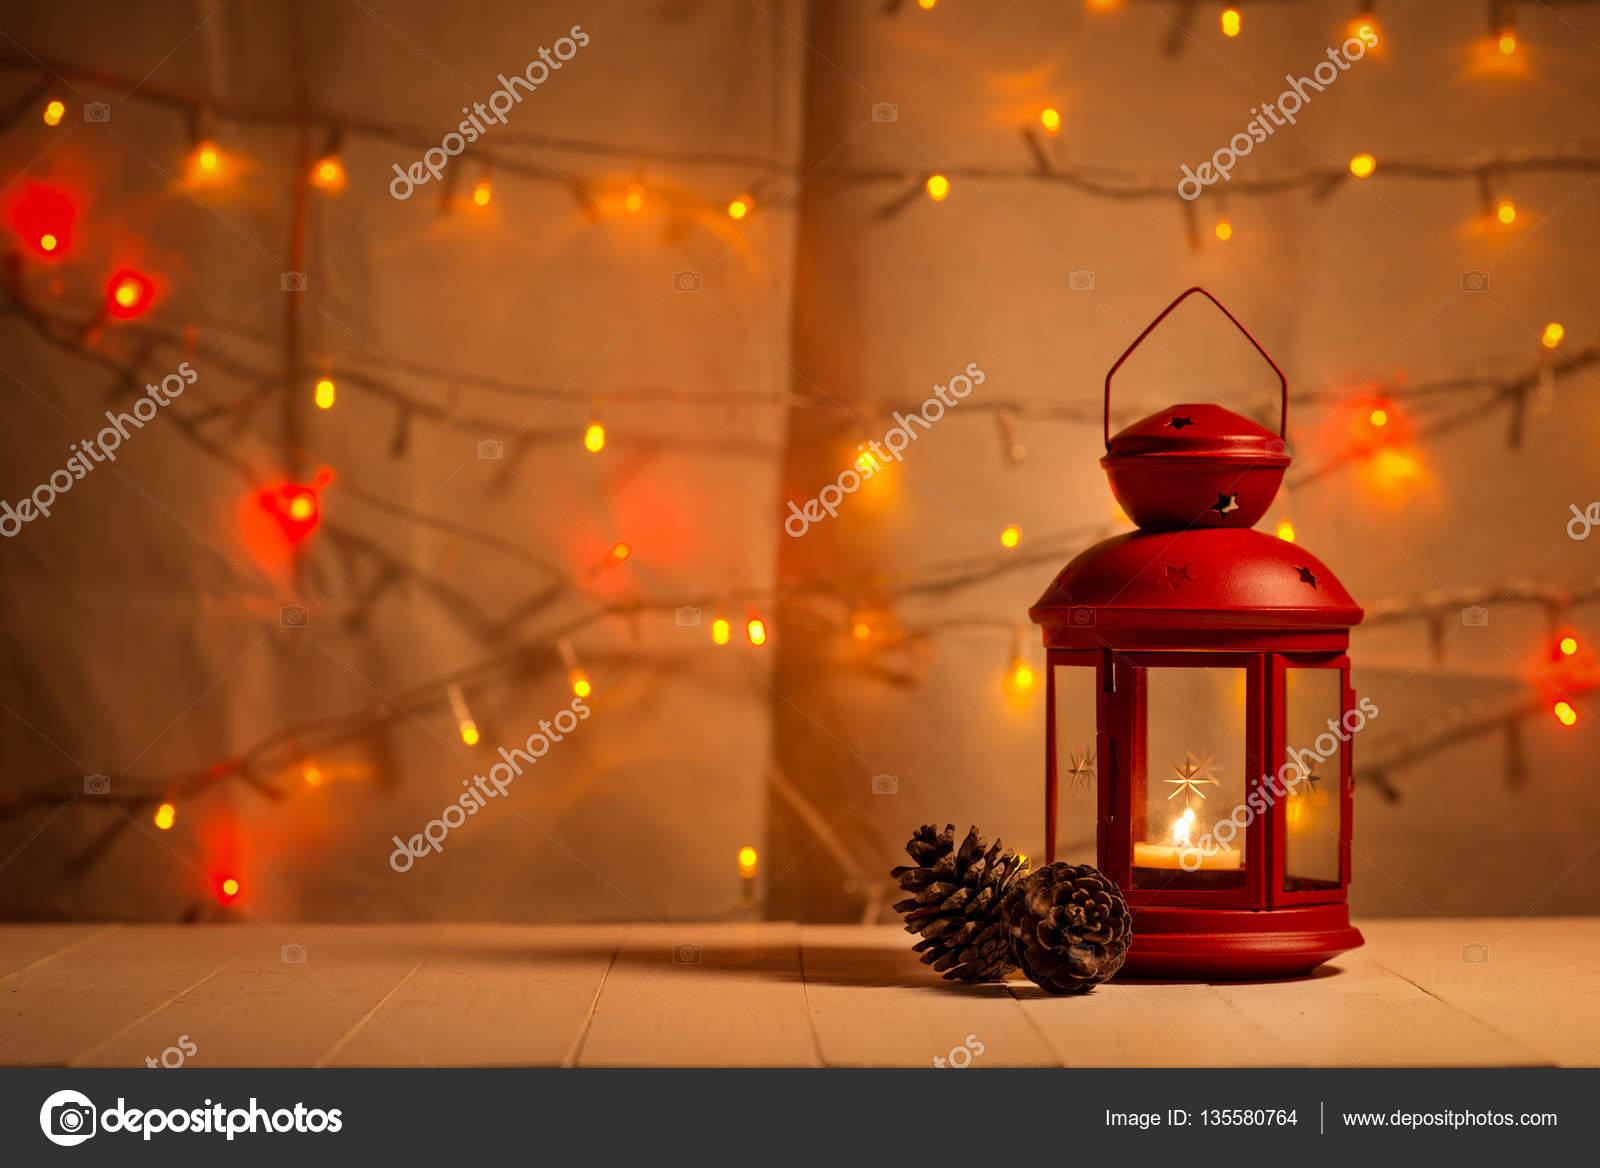 Weihnachtsbeleuchtung Kegel.Weihnachtsbeleuchtung Laterne Und Zapfen Stockfoto Makidotvn